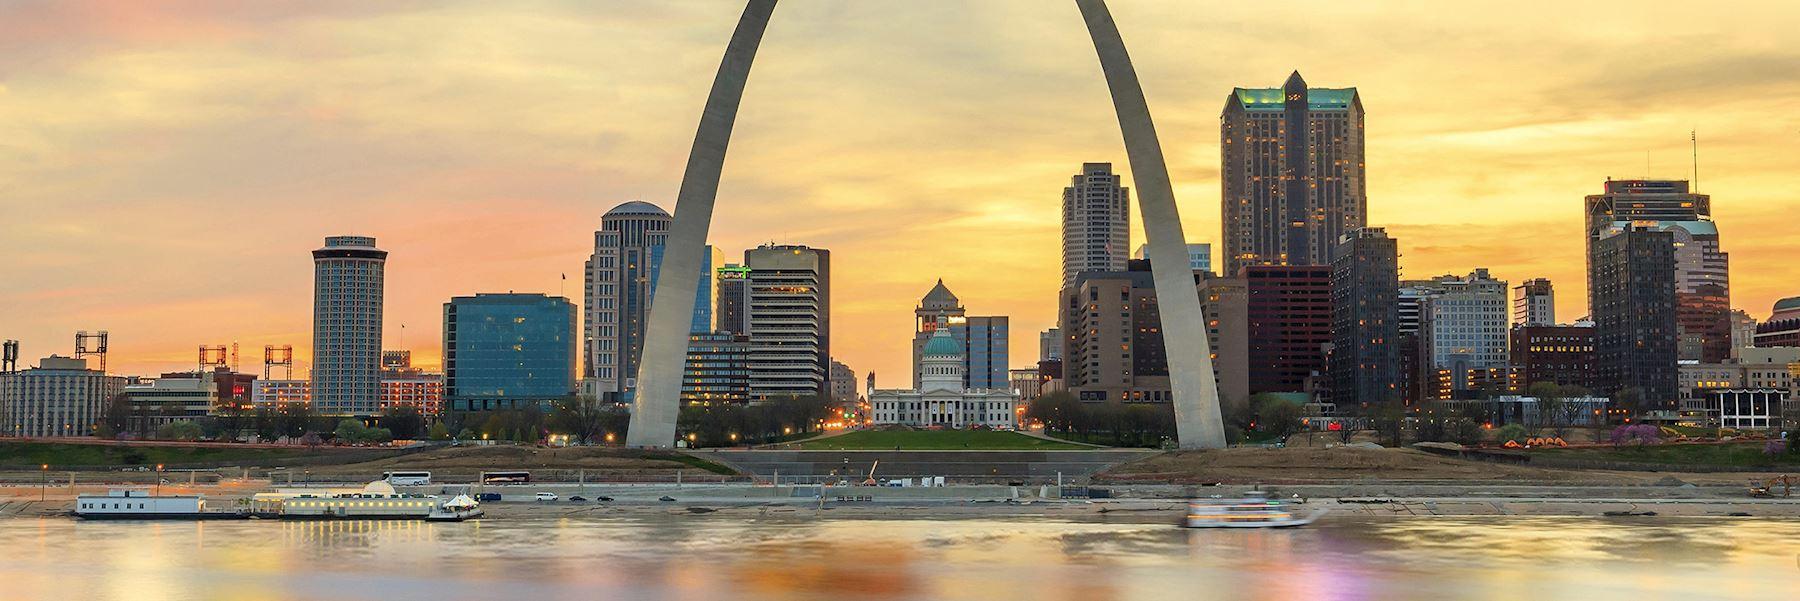 Visit St Louis, USA